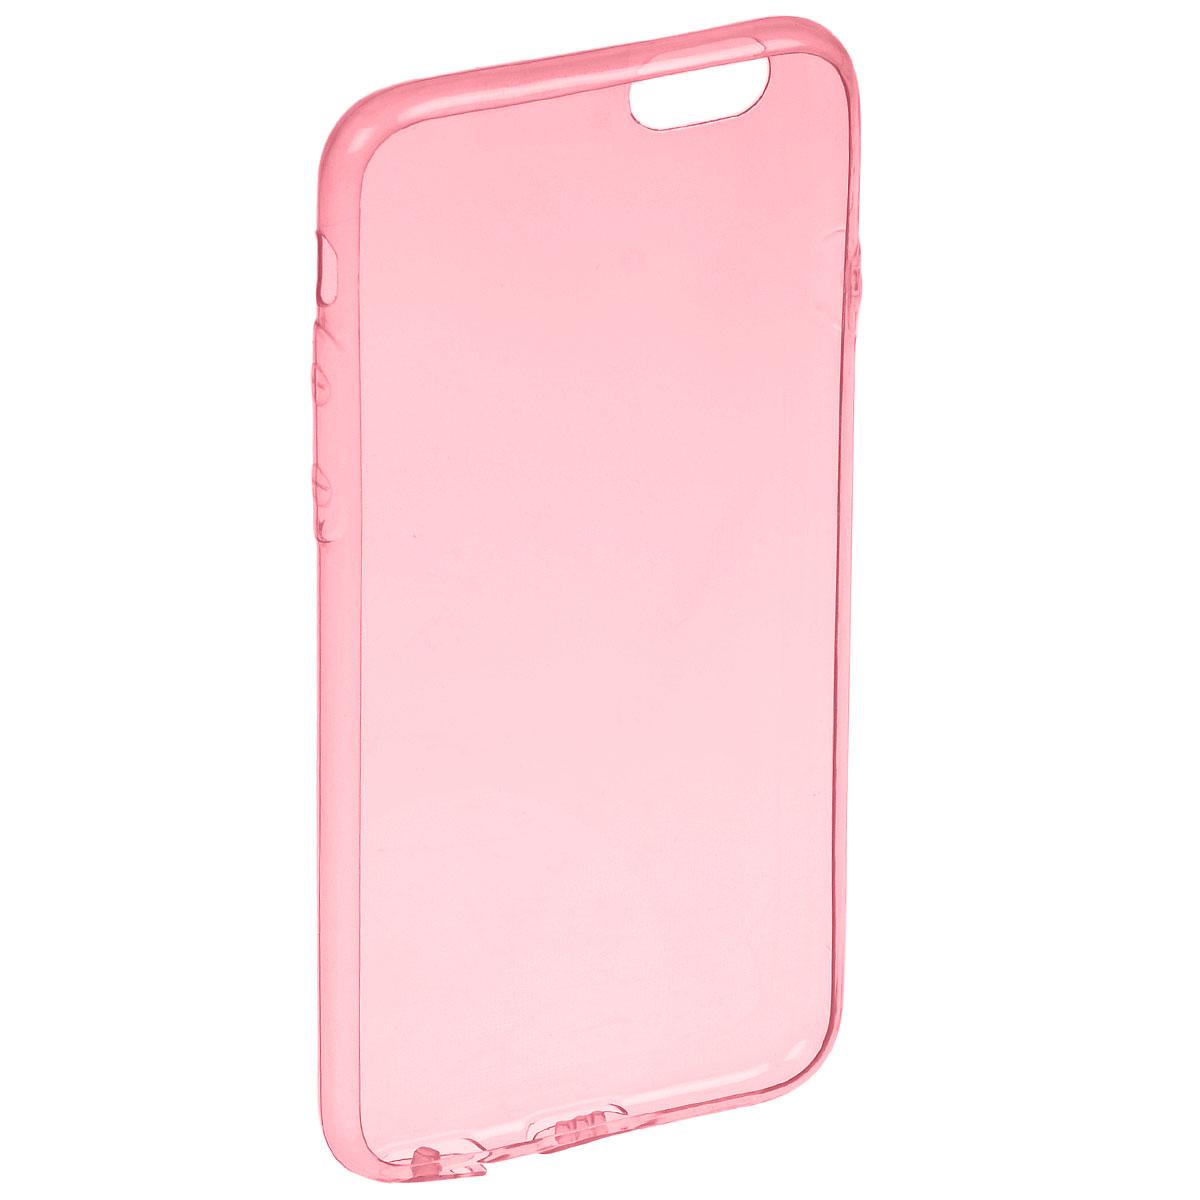 Liberty Project TPU чехол для iPhone 6, PinkR0005484Чехол Liberty Project TPU Case для iPhone 6 защитит ваш гаджет от механических повреждений и влаги. Чехол имеет свободный доступ ко всем разъемам и клавишам устройства.